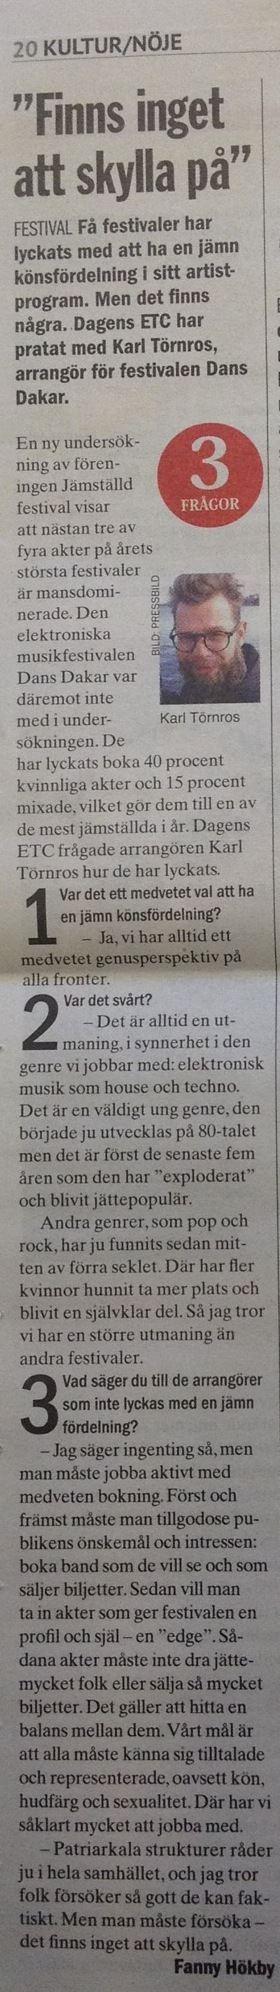 ETC-intervju-Karl-Törnros.jpg